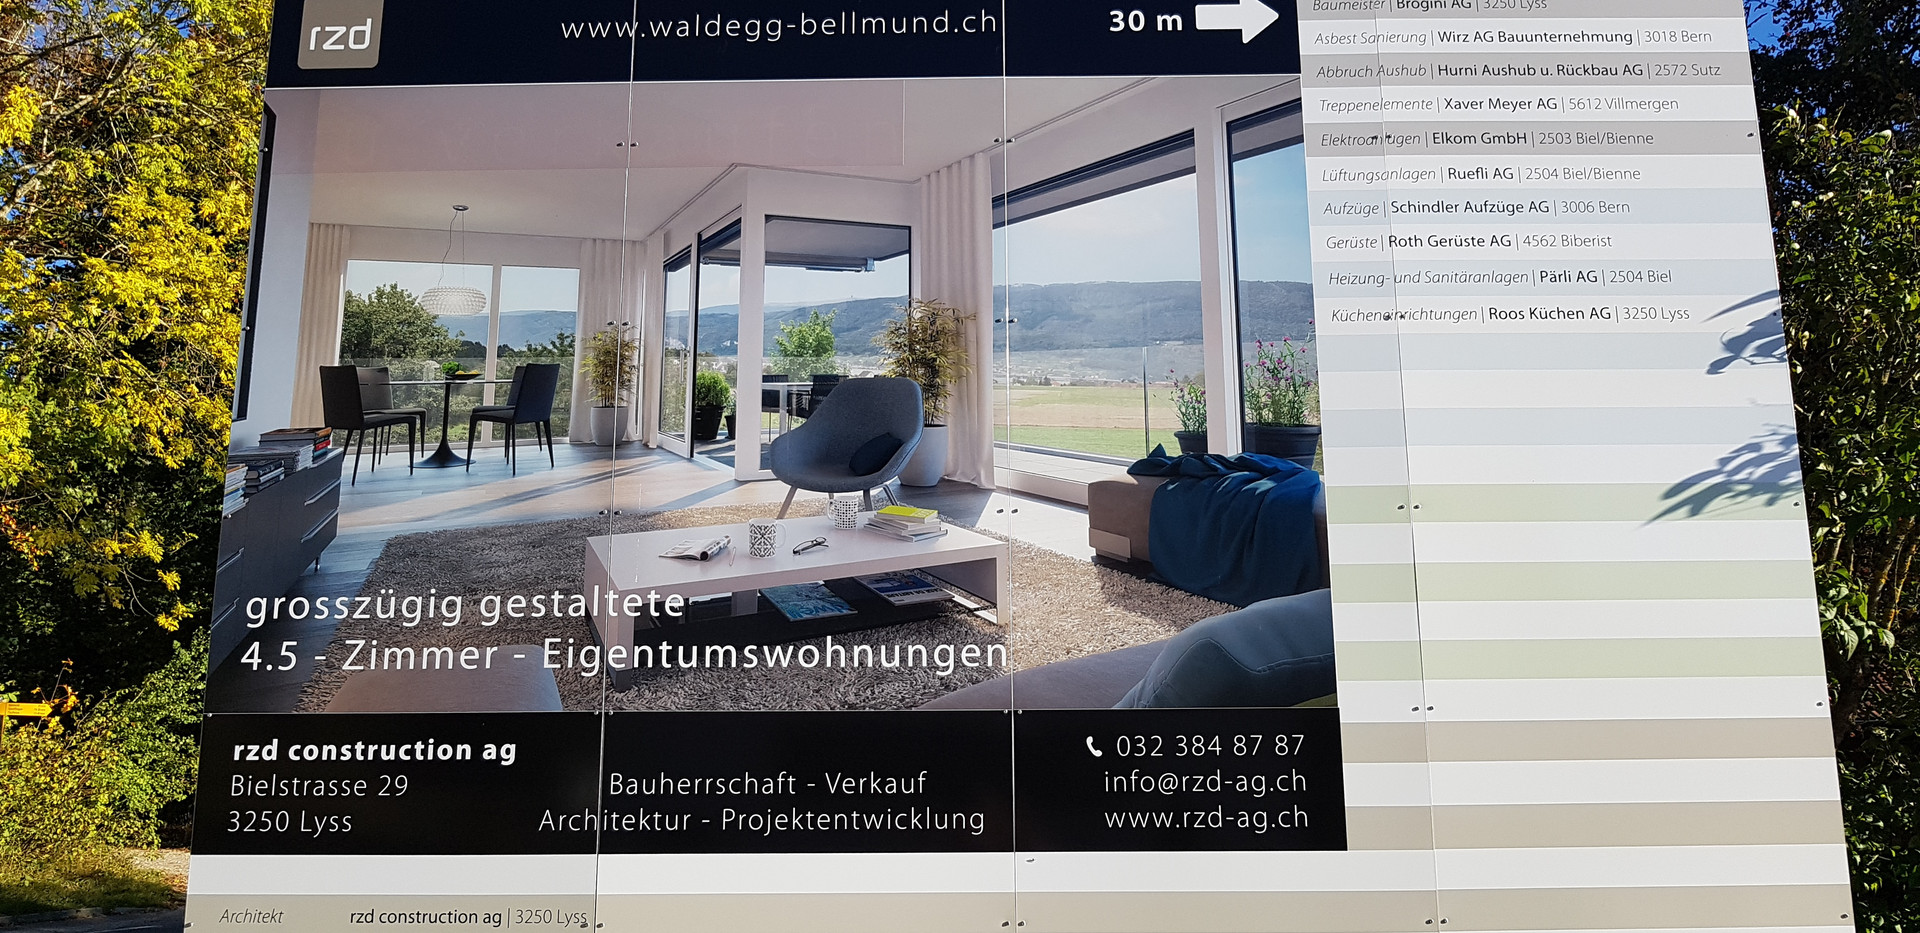 Wphnüberbauung Waldegg